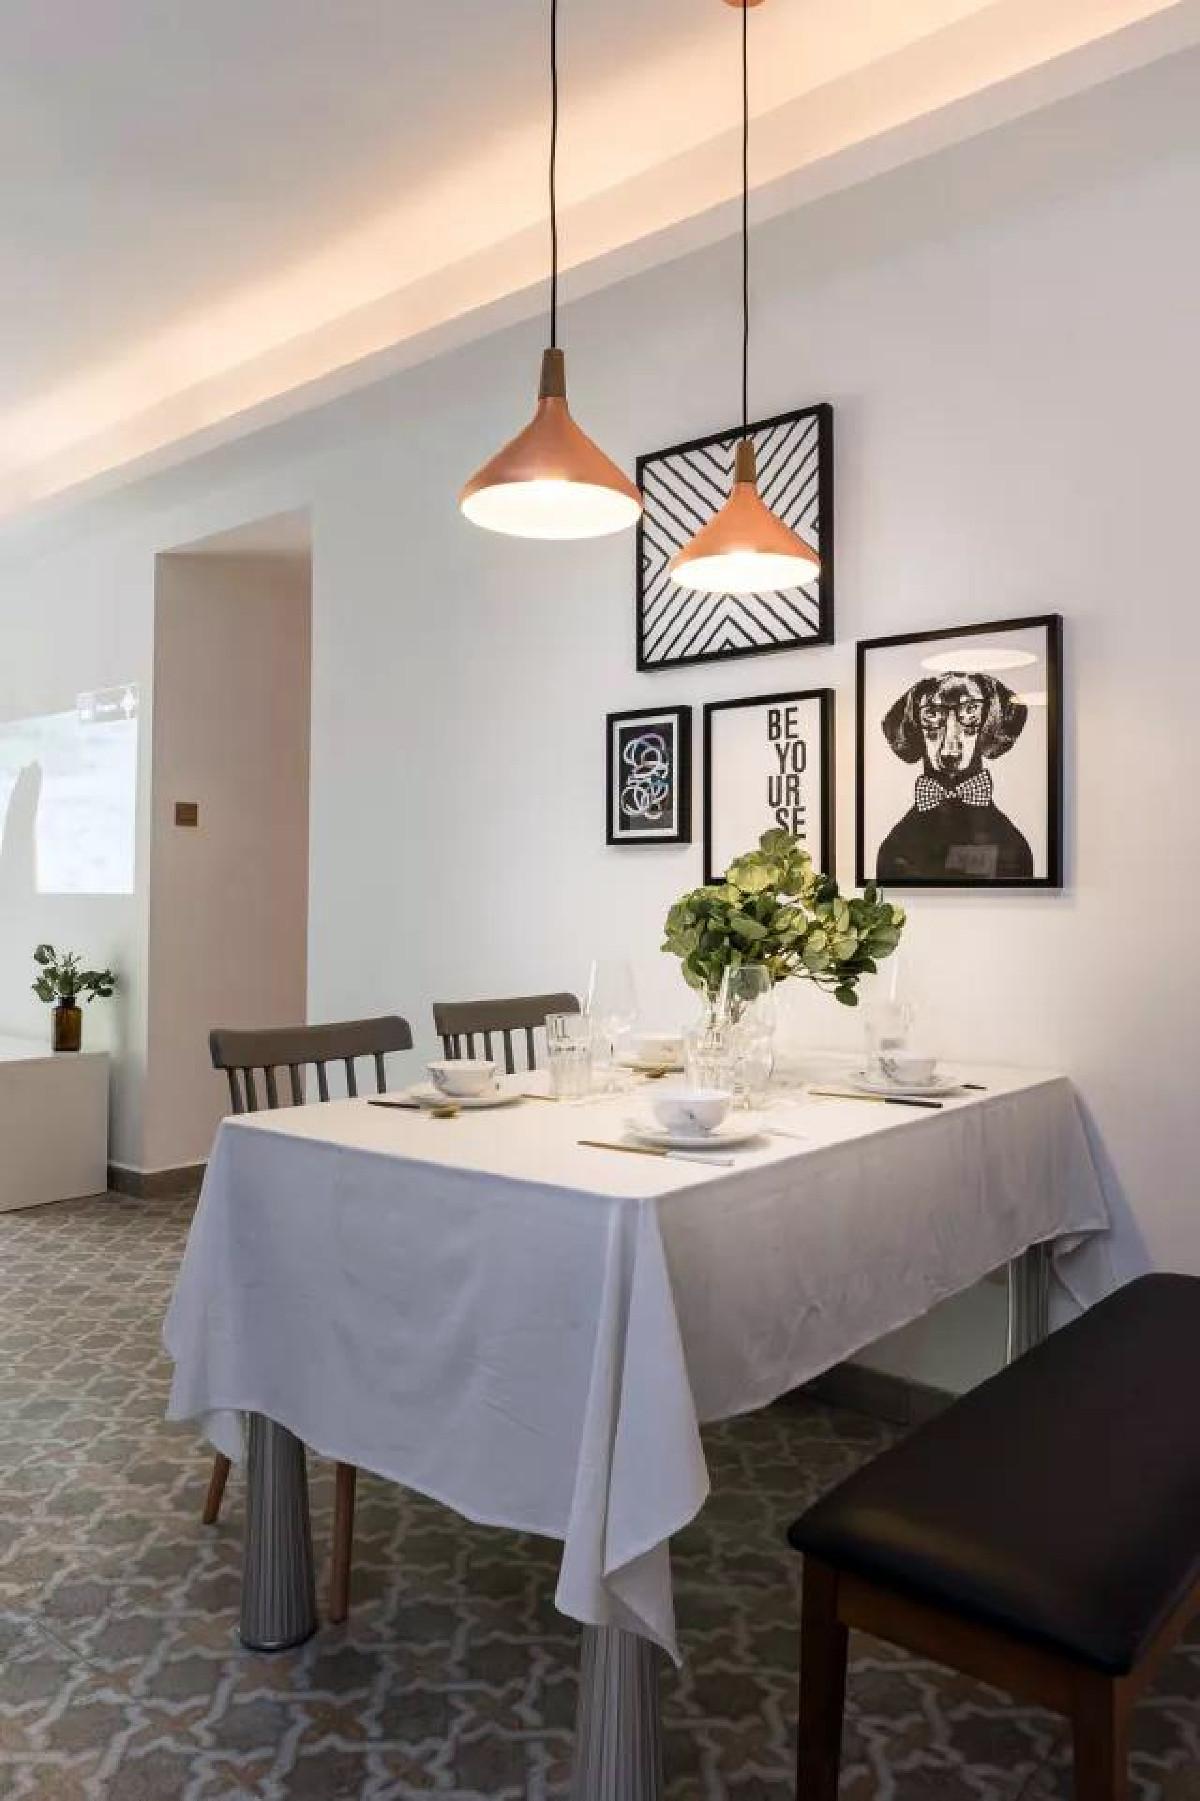 餐桌的墙面也给换上了黑白色调的挂画,整体风格统一。